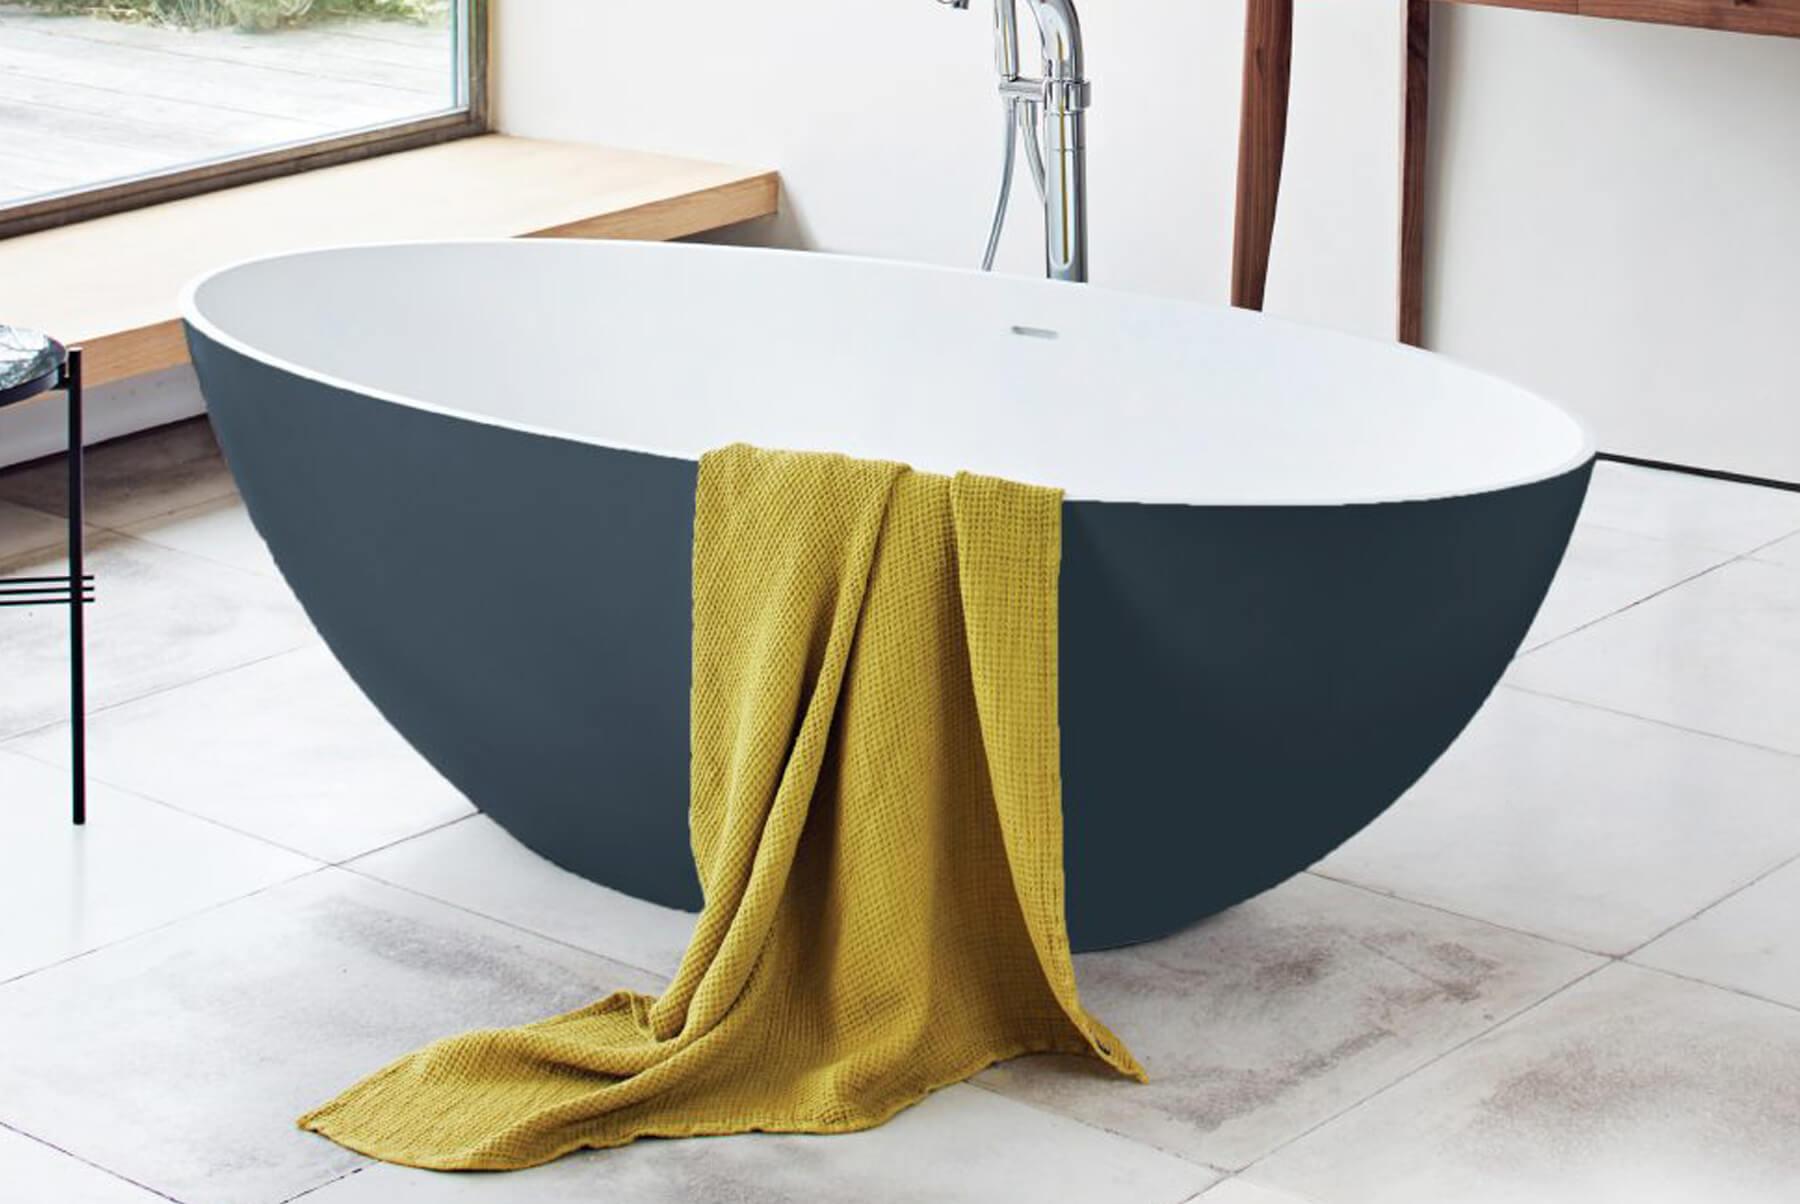 Bath-Tubs-WATERS-ELLIPSE-BATH-TUB-GREY-1800x1204